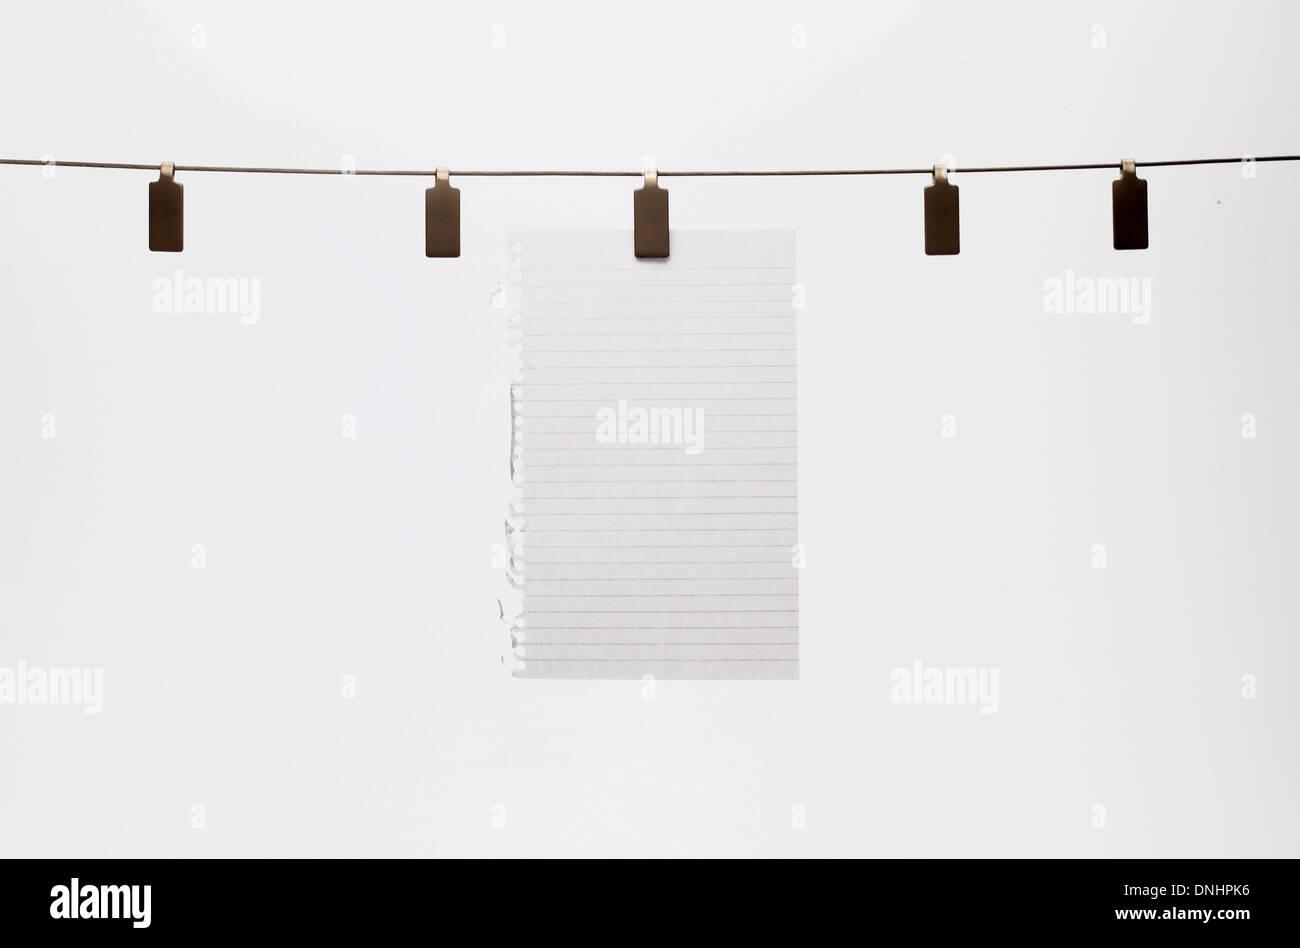 Un pezzo di carta appeso con una clip a un filo dritto. Sfondo bianco Immagini Stock